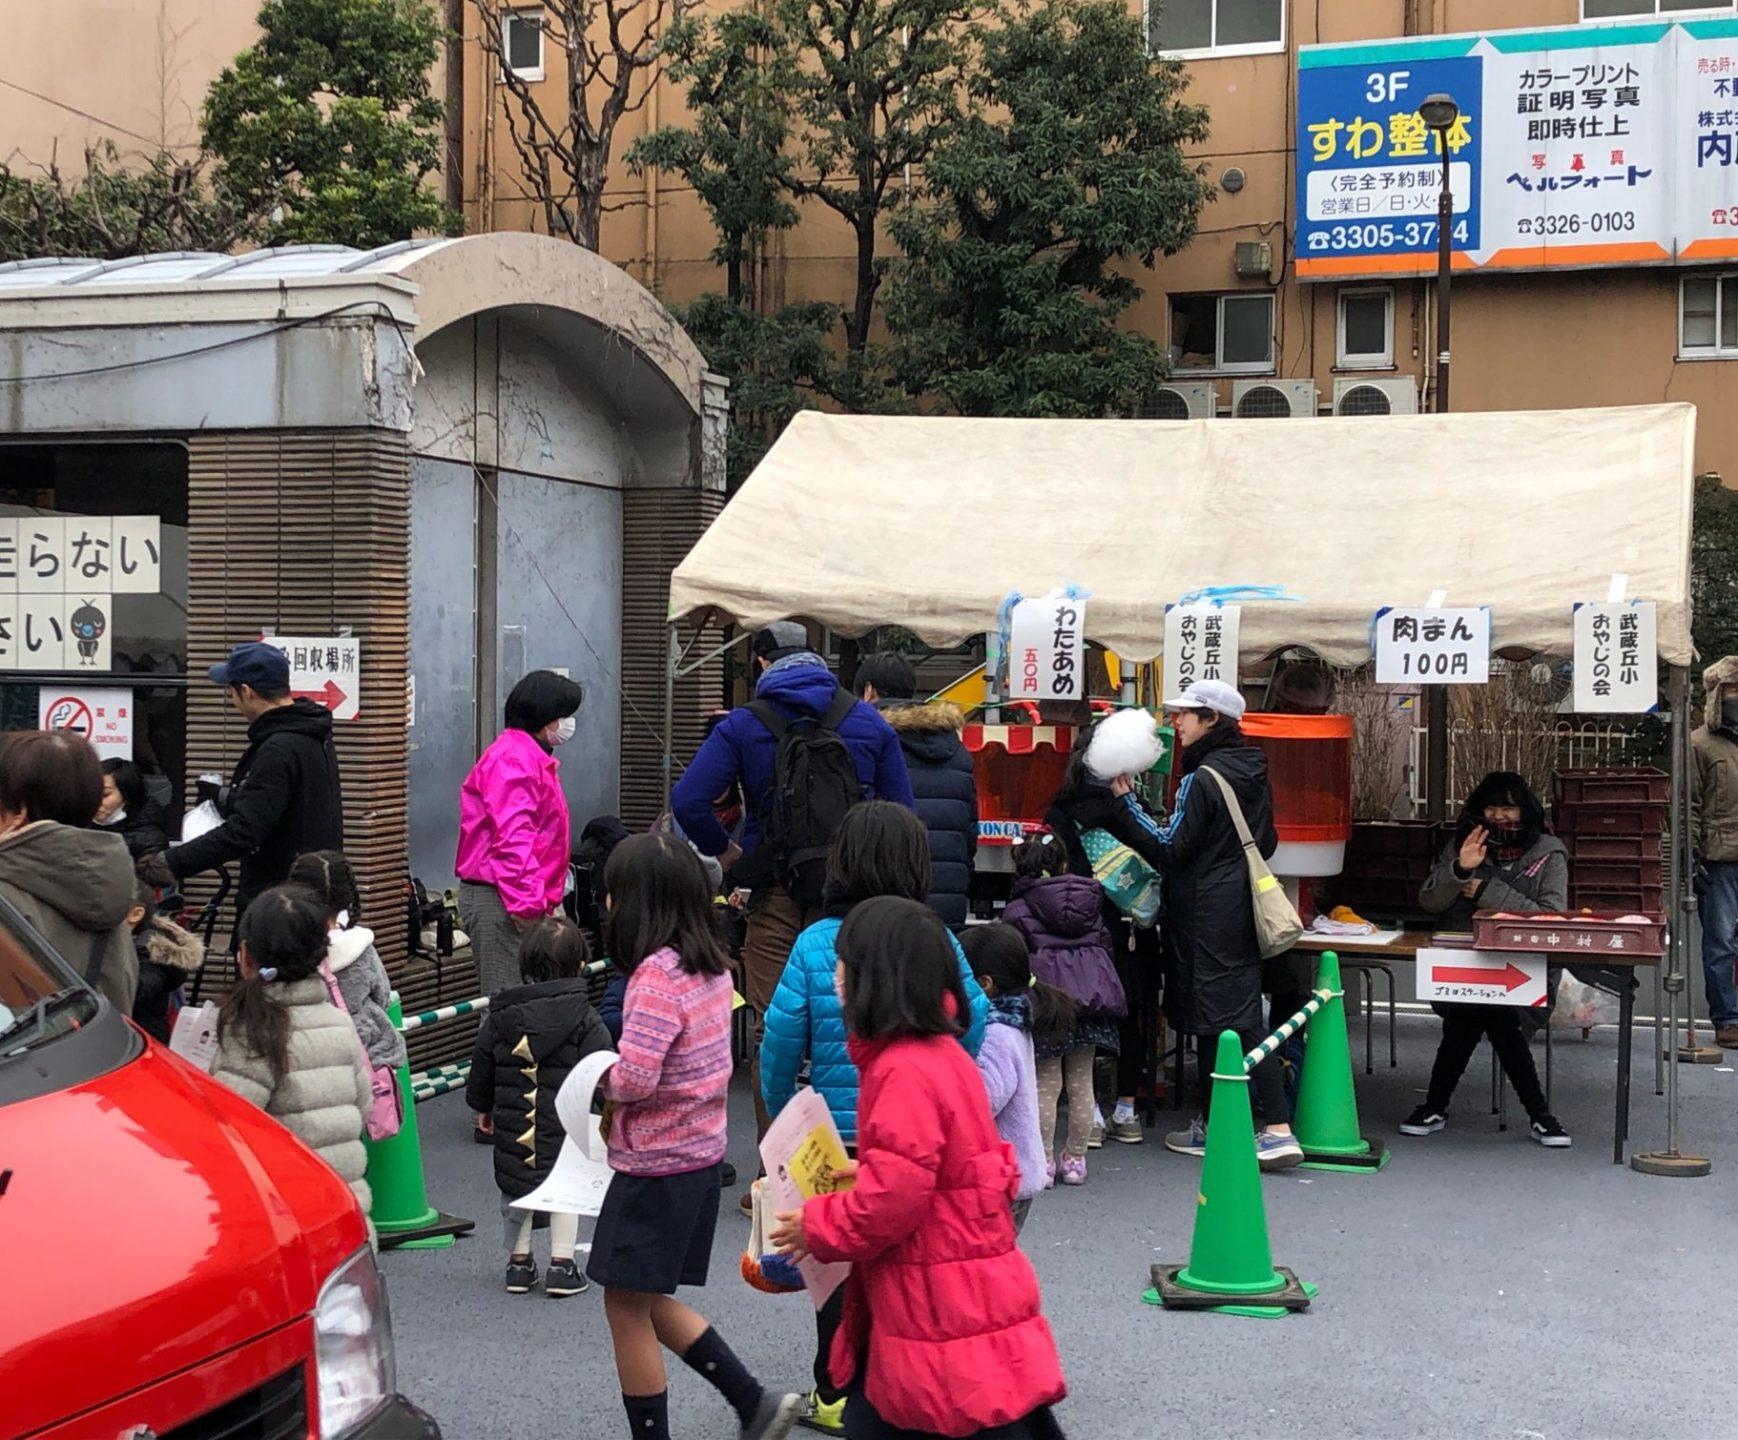 烏山新年子どもまつりの模擬店